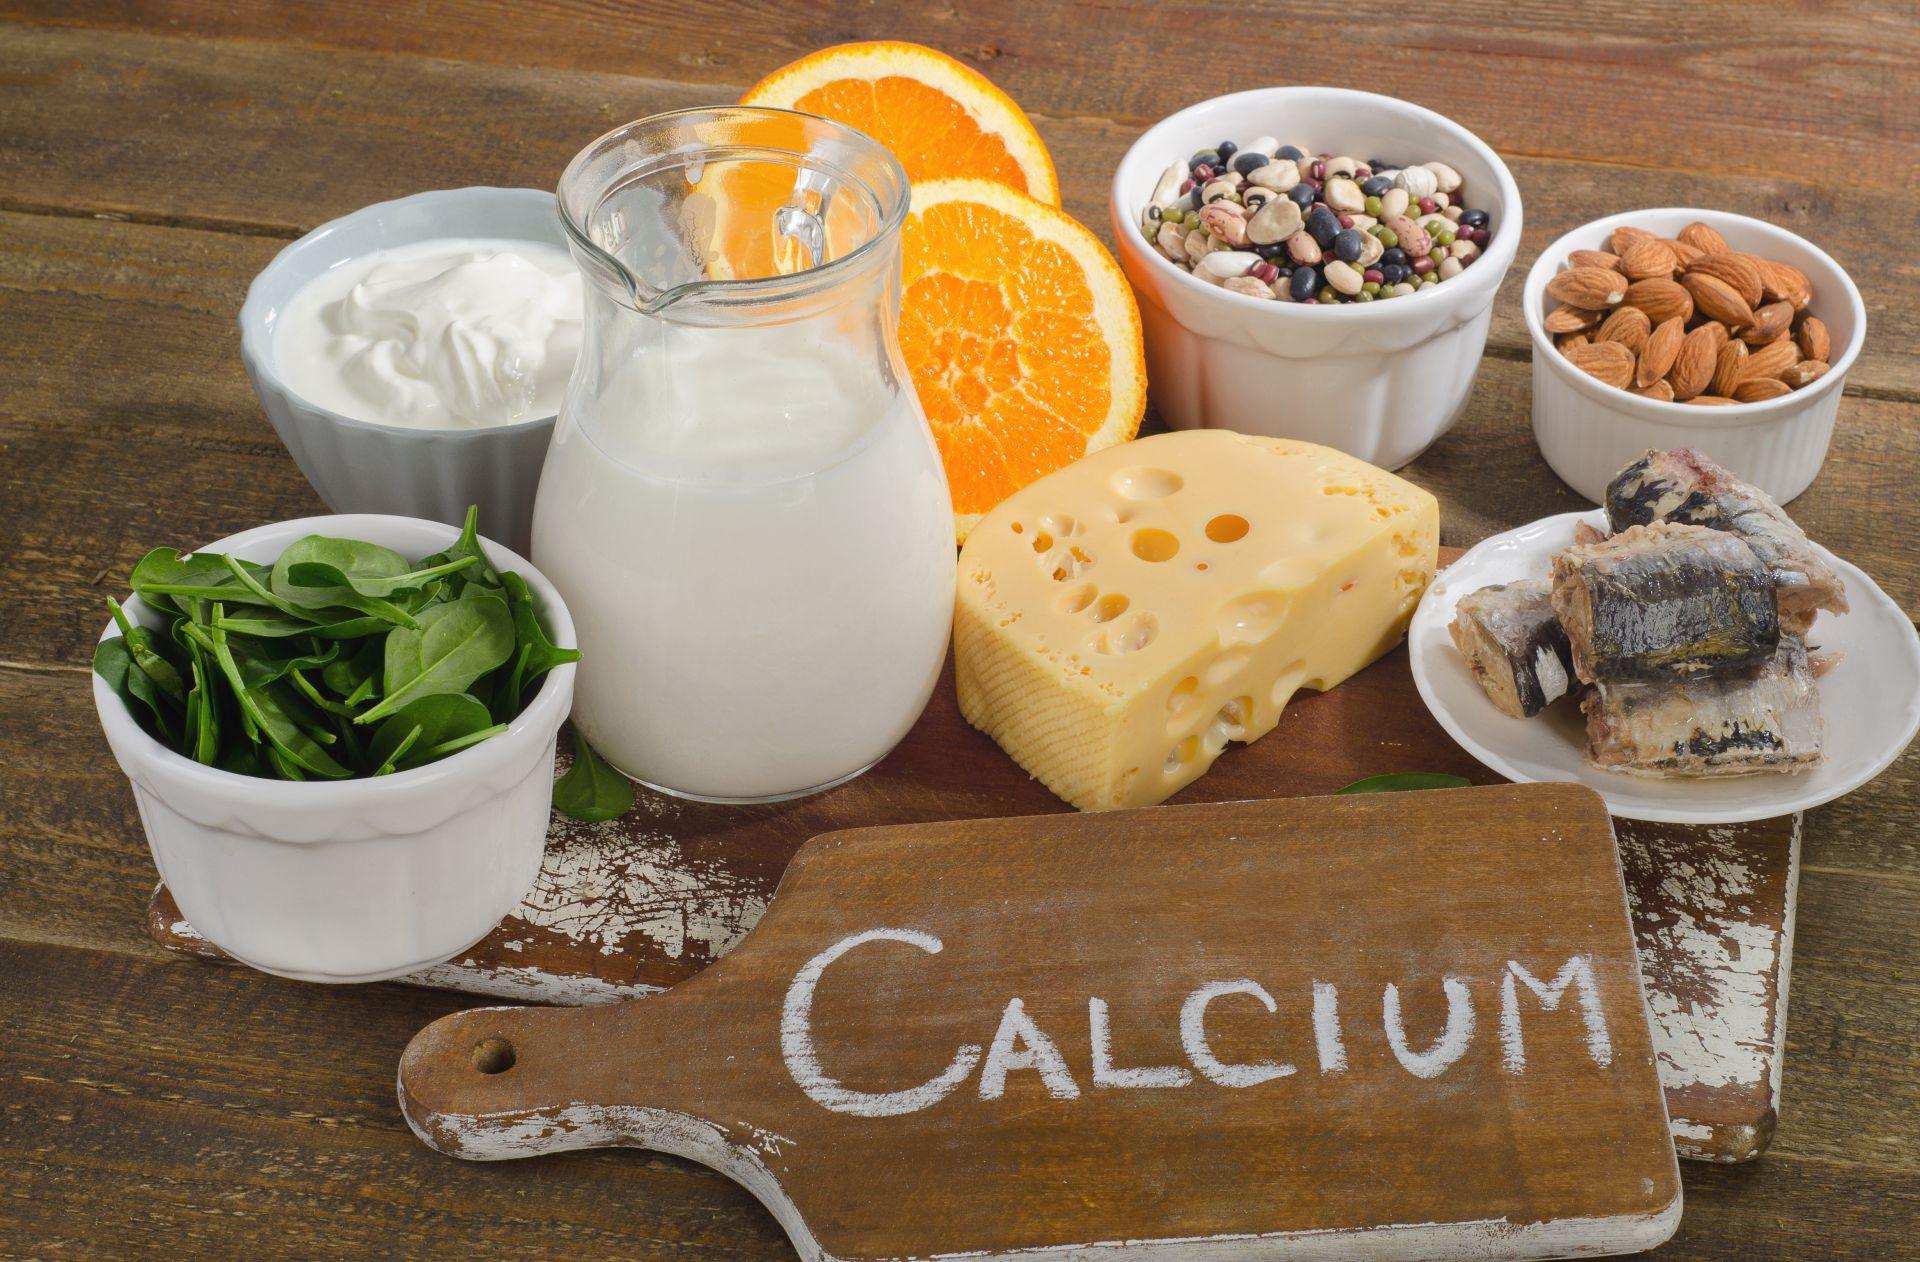 Berapa Jumlah Ideal Kalsium untuk Anak?